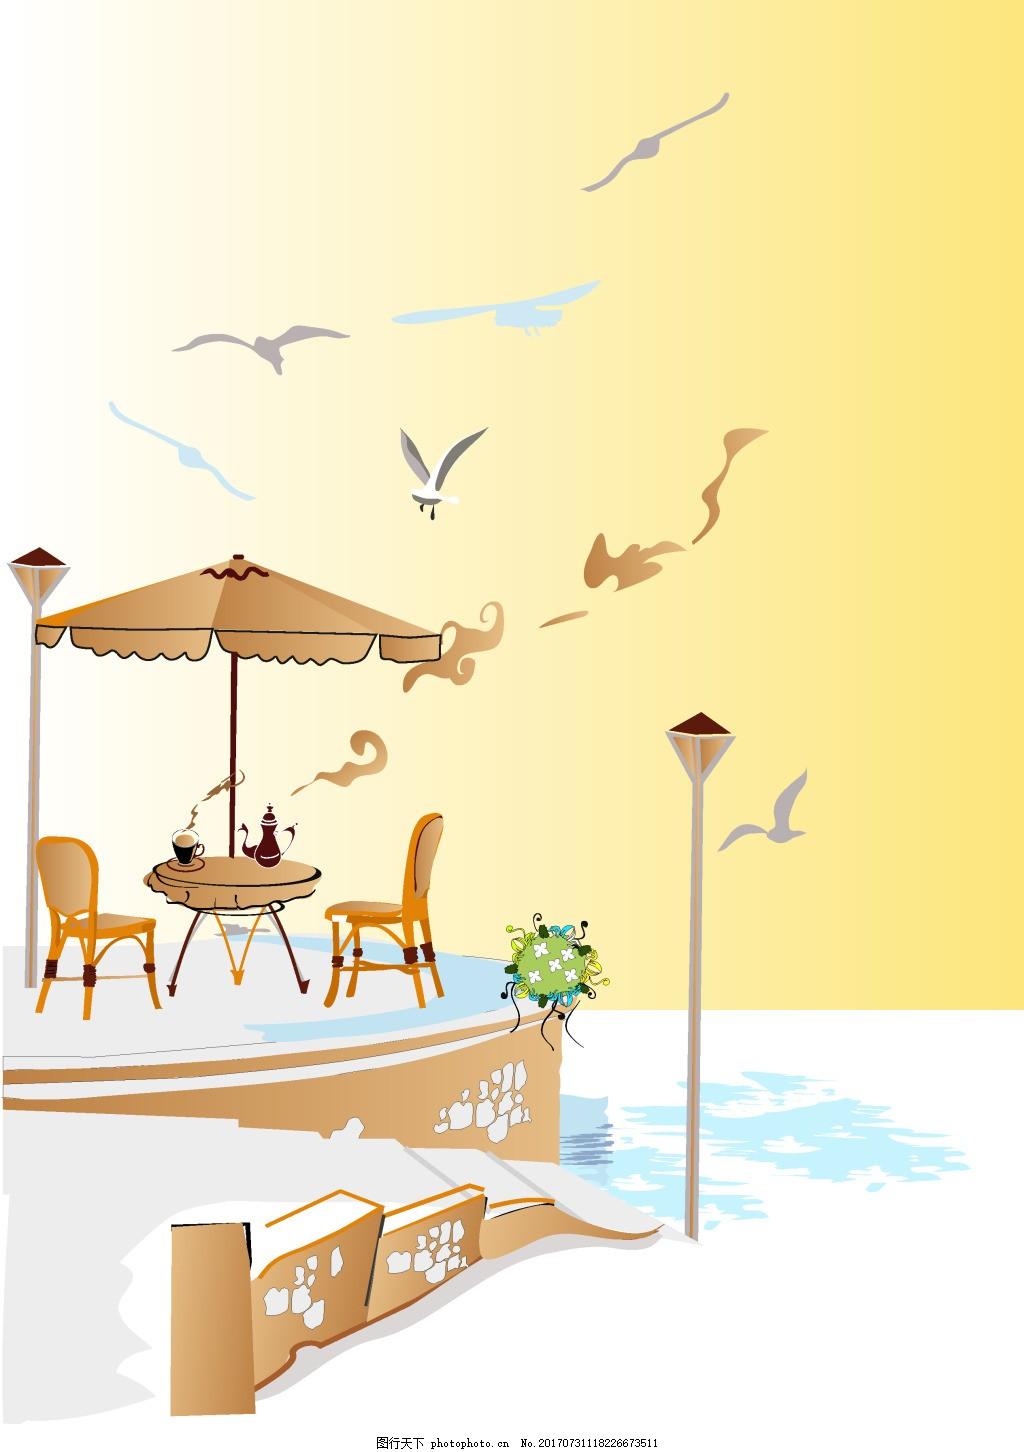 大海海鸥休闲下午茶背景 简约 线条 油画 水彩 阳台